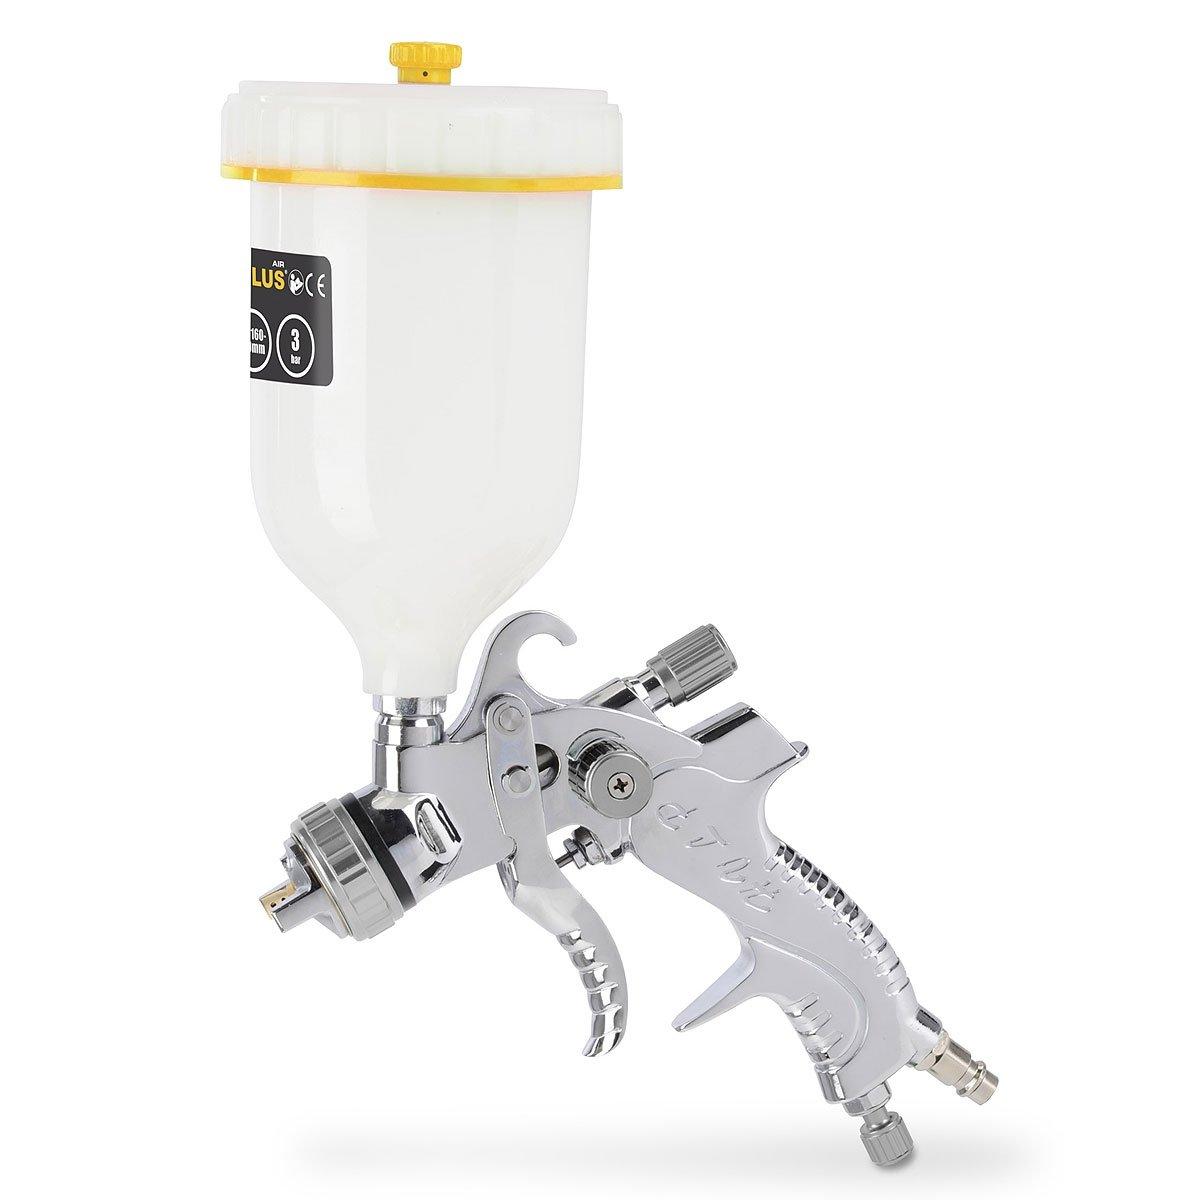 pistolet à peinture professionnel 600 ml - aérographe, pistolet à peinture, la gravité tasse - système HVLP haut volume basse pression - POWAIR0109 product image